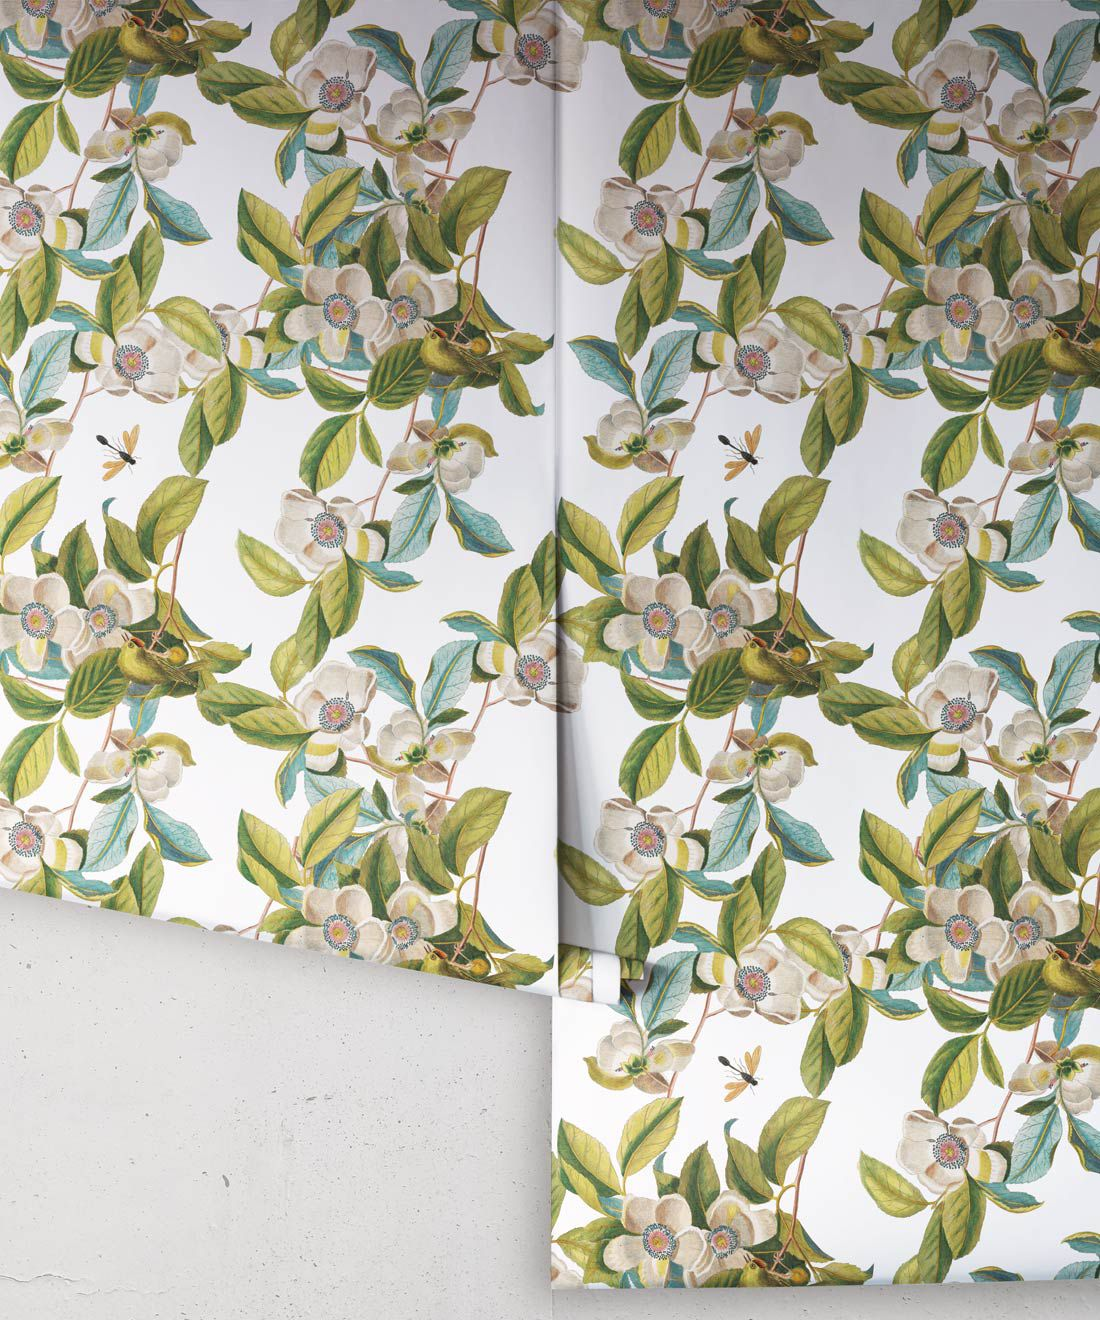 Midsummer Garden Wallpaper • White Floral Wallpaper •Rolls